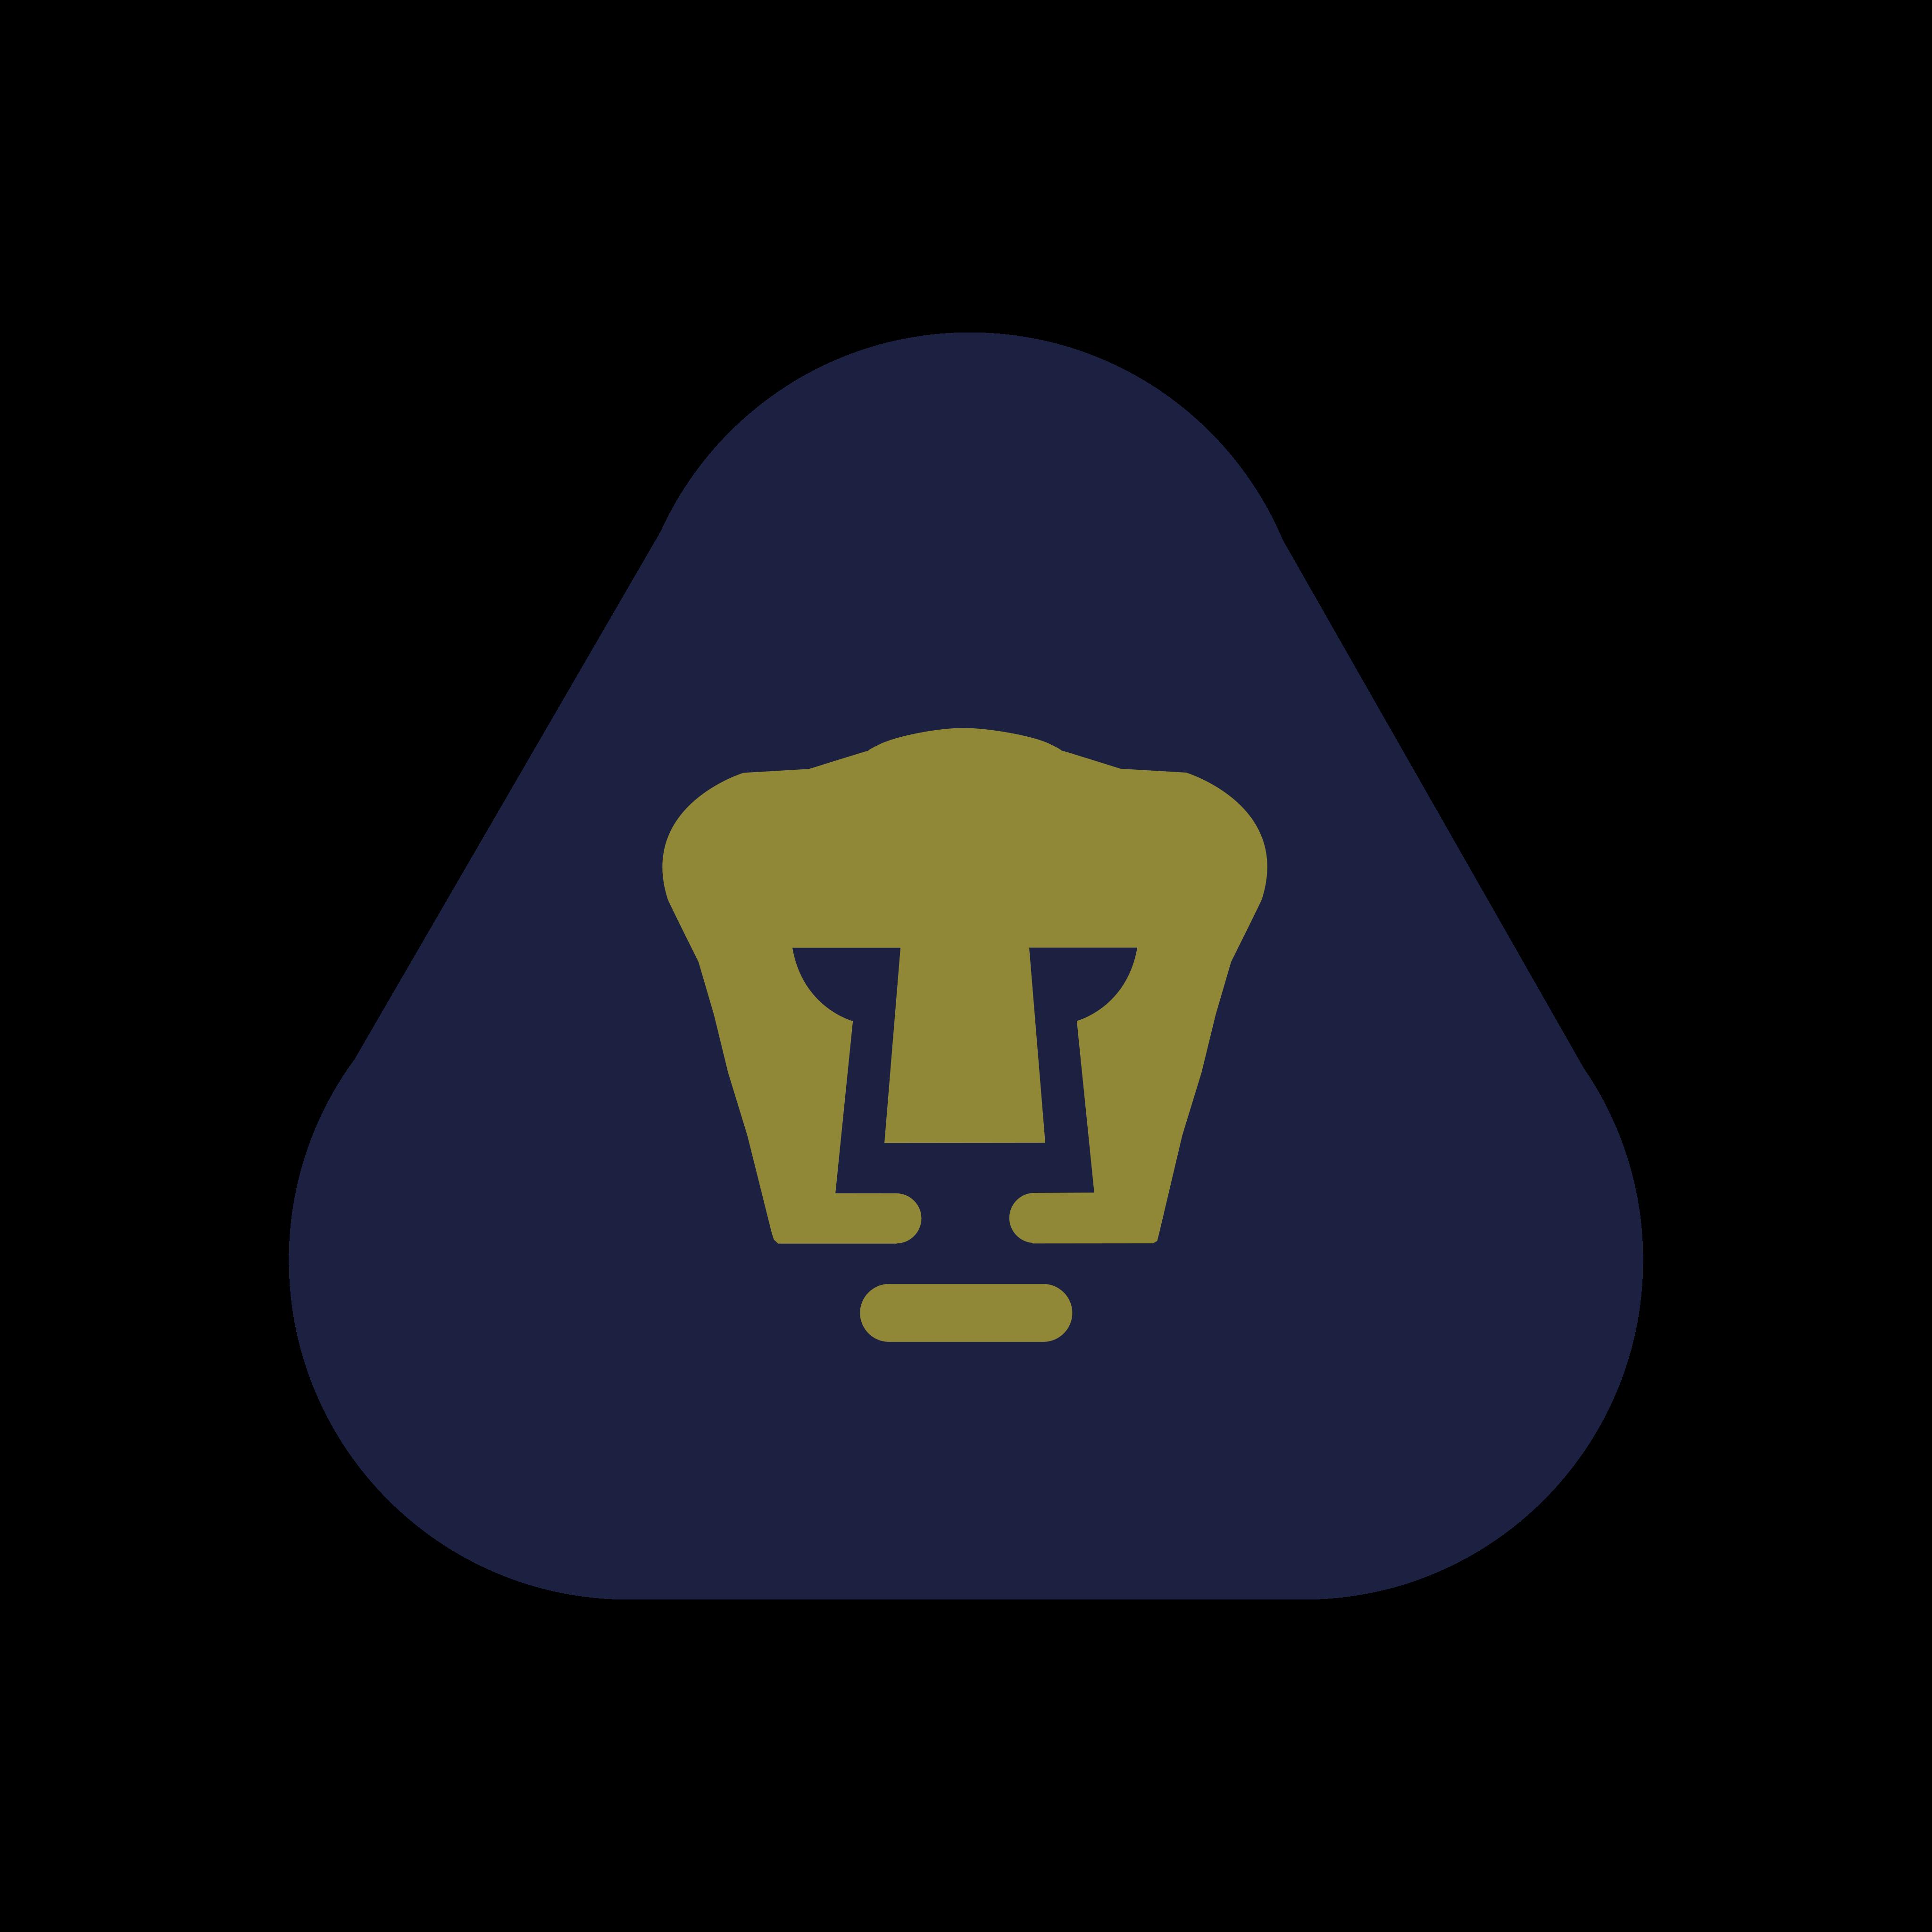 pumas unam logo 0 - Pumas UNAM Logo